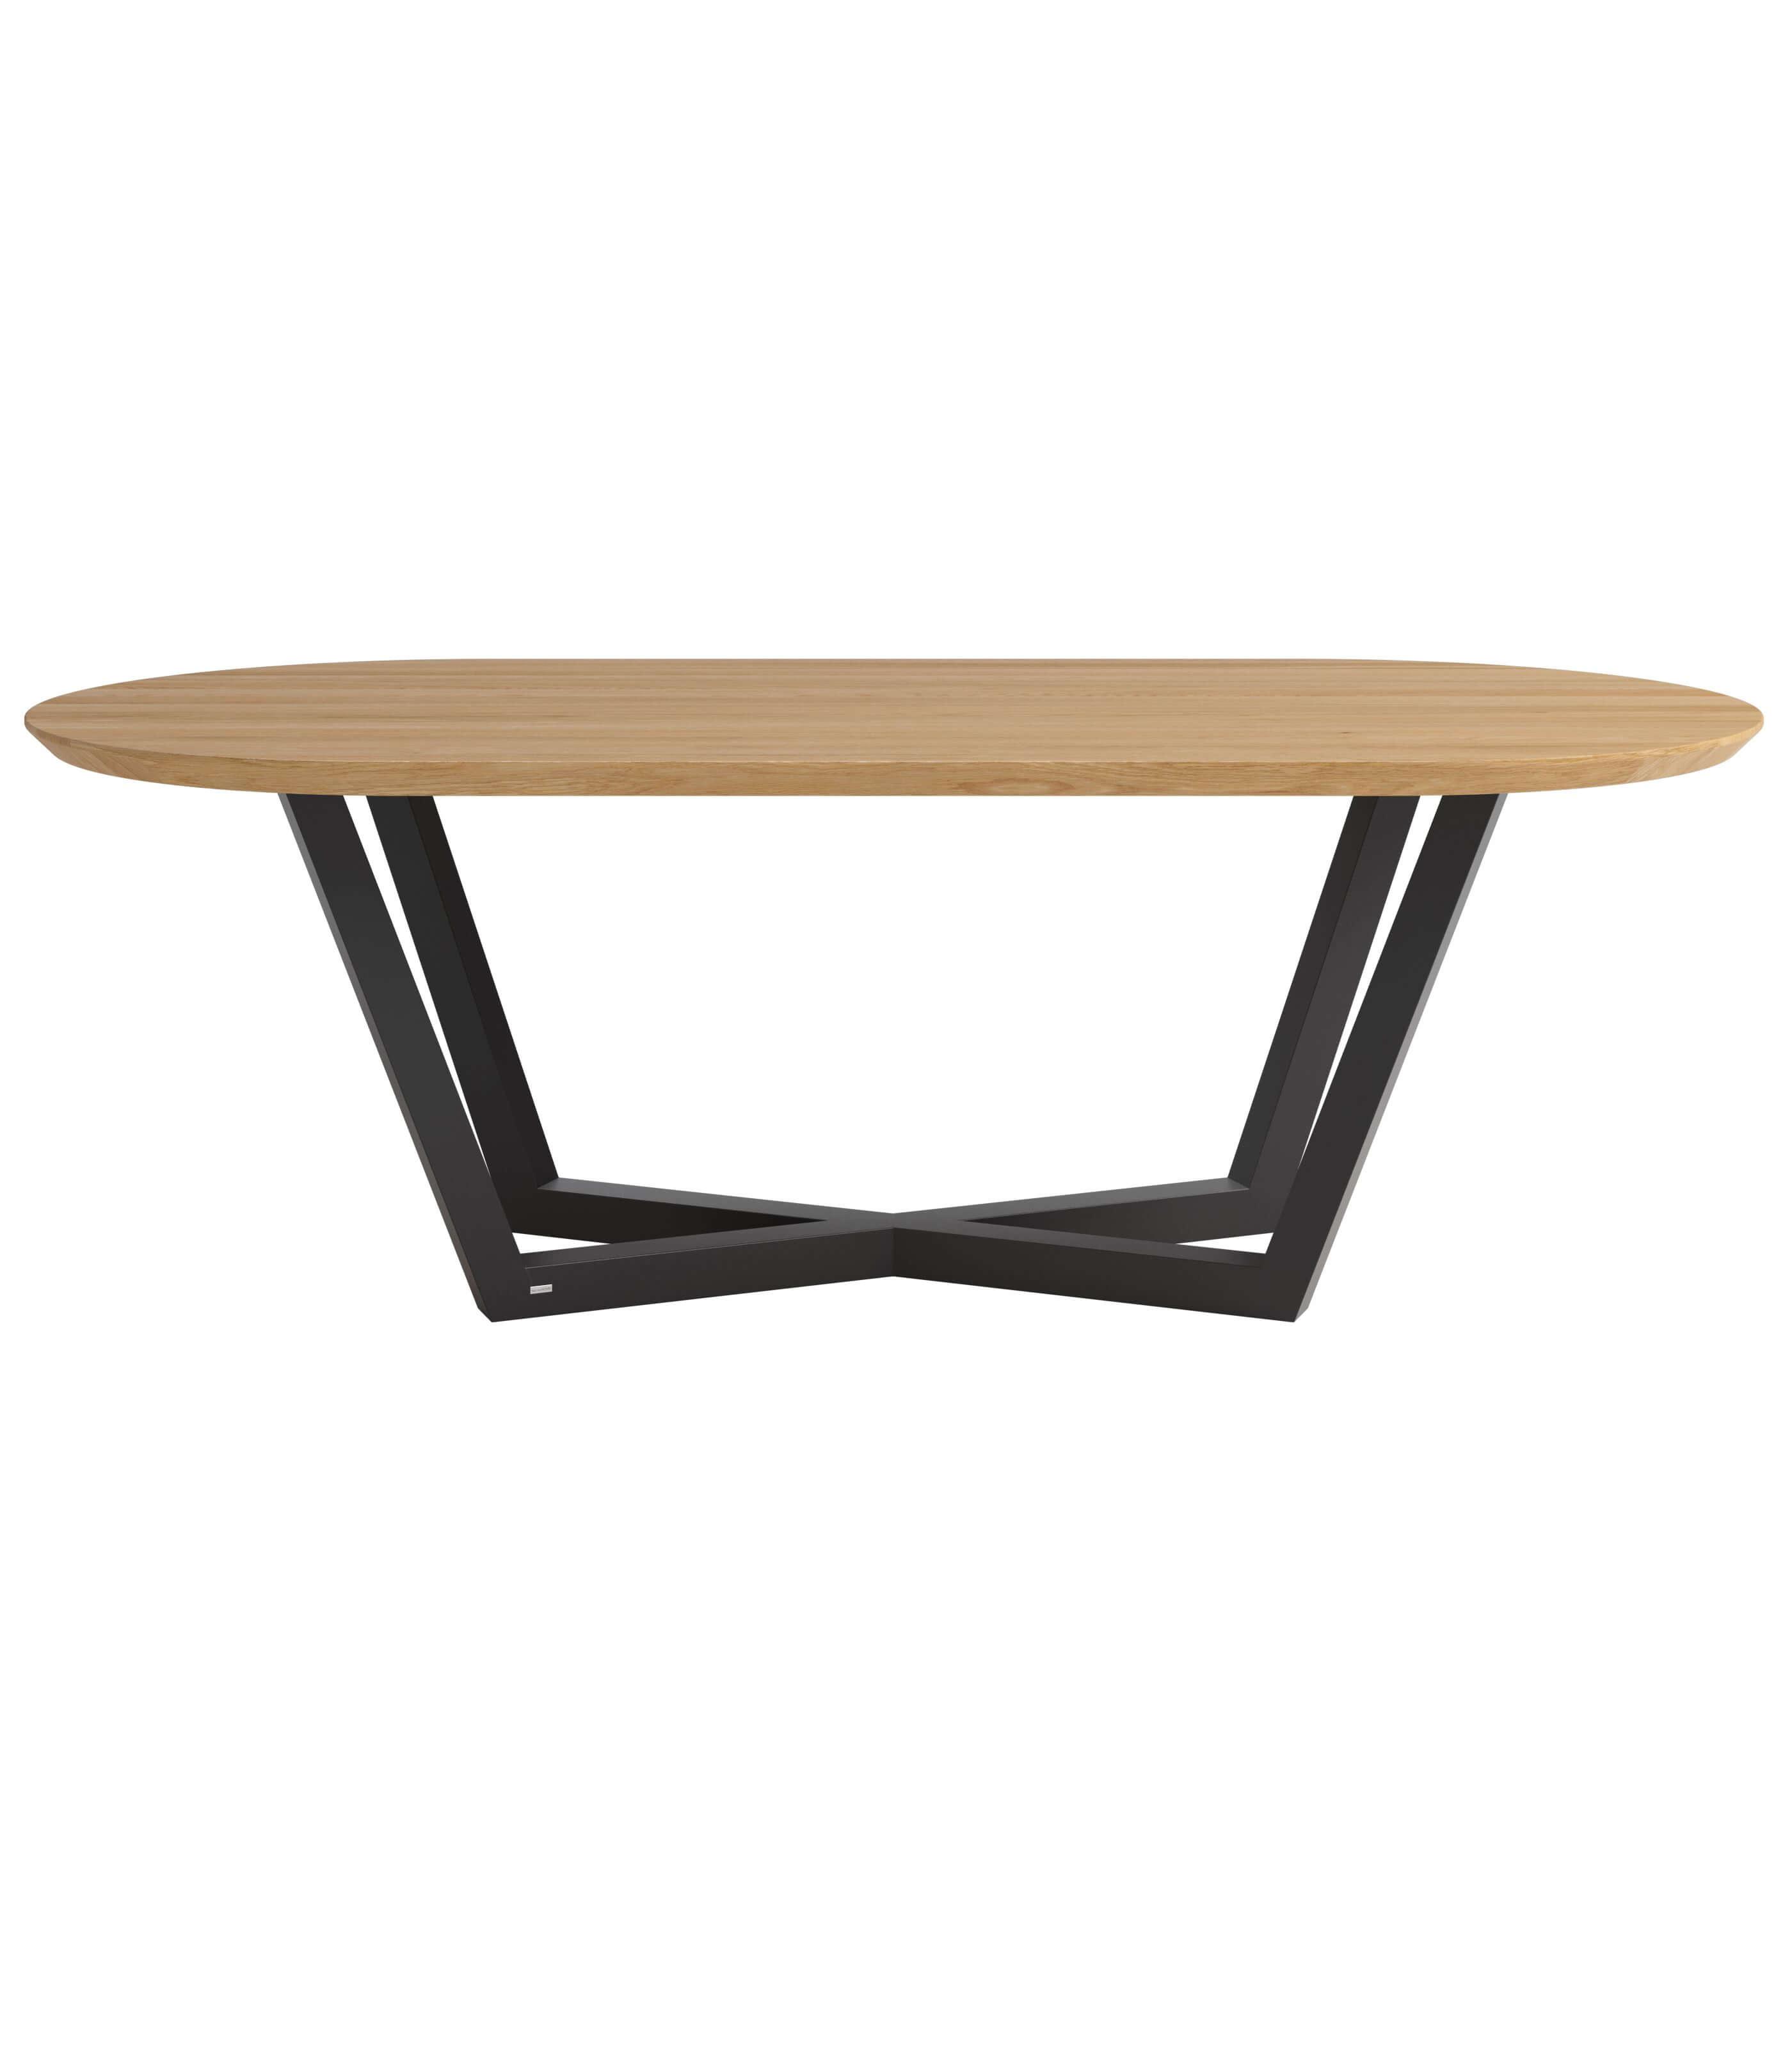 stół owlany nowoczesny dębowy czarne nogi